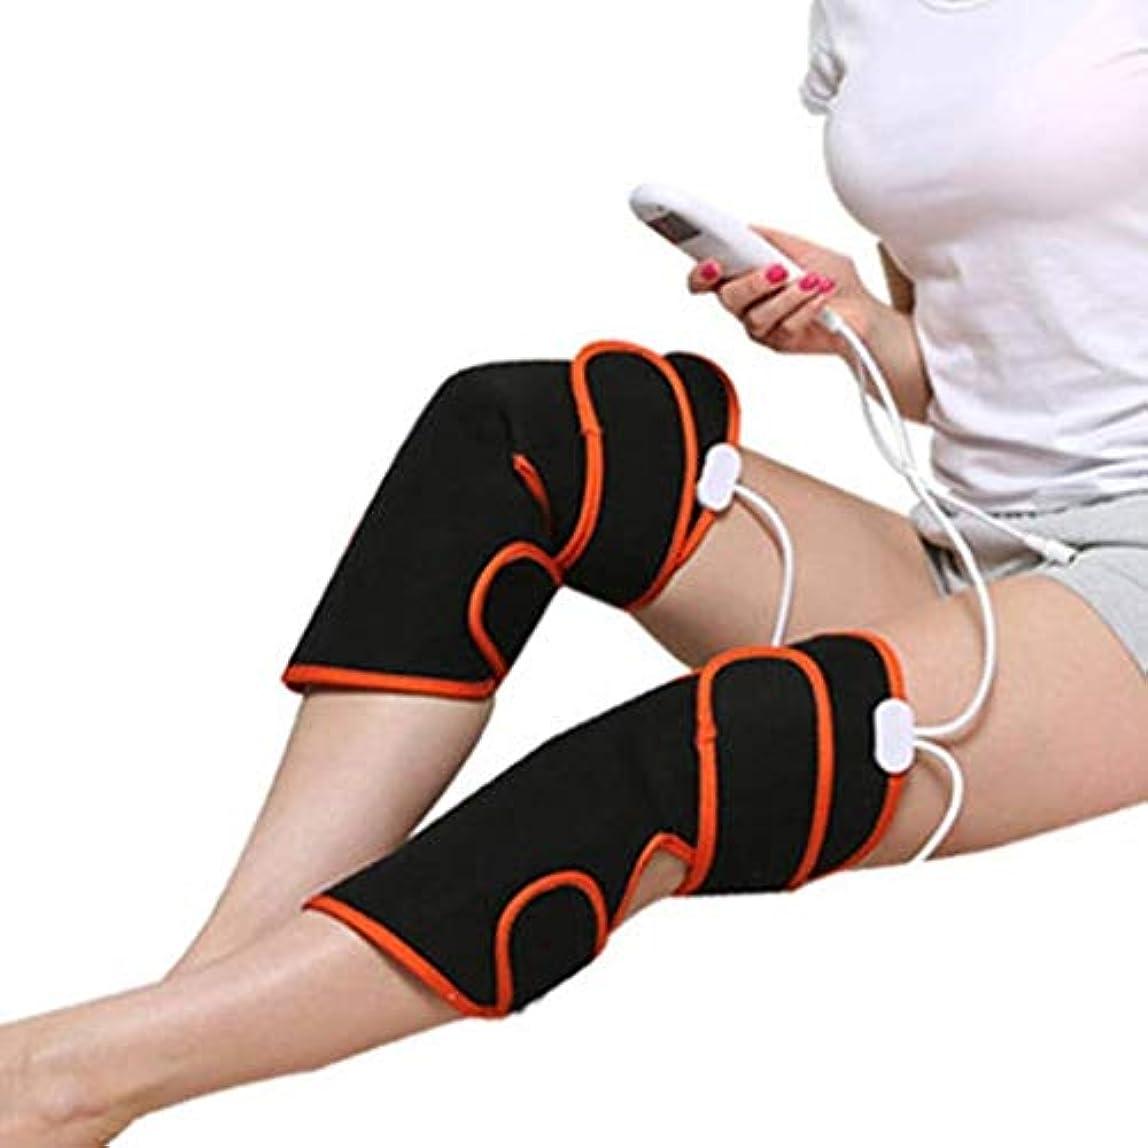 コンパニオン情報冒険者暖房付き膝マッサージャー、電動バイブレーションマッサージャー、膝マッサージャーを定期的に加熱できます、筋肉の痛みを緩和するモード、9モード、冷たい脚、骨過形成患者、術後リハビリ